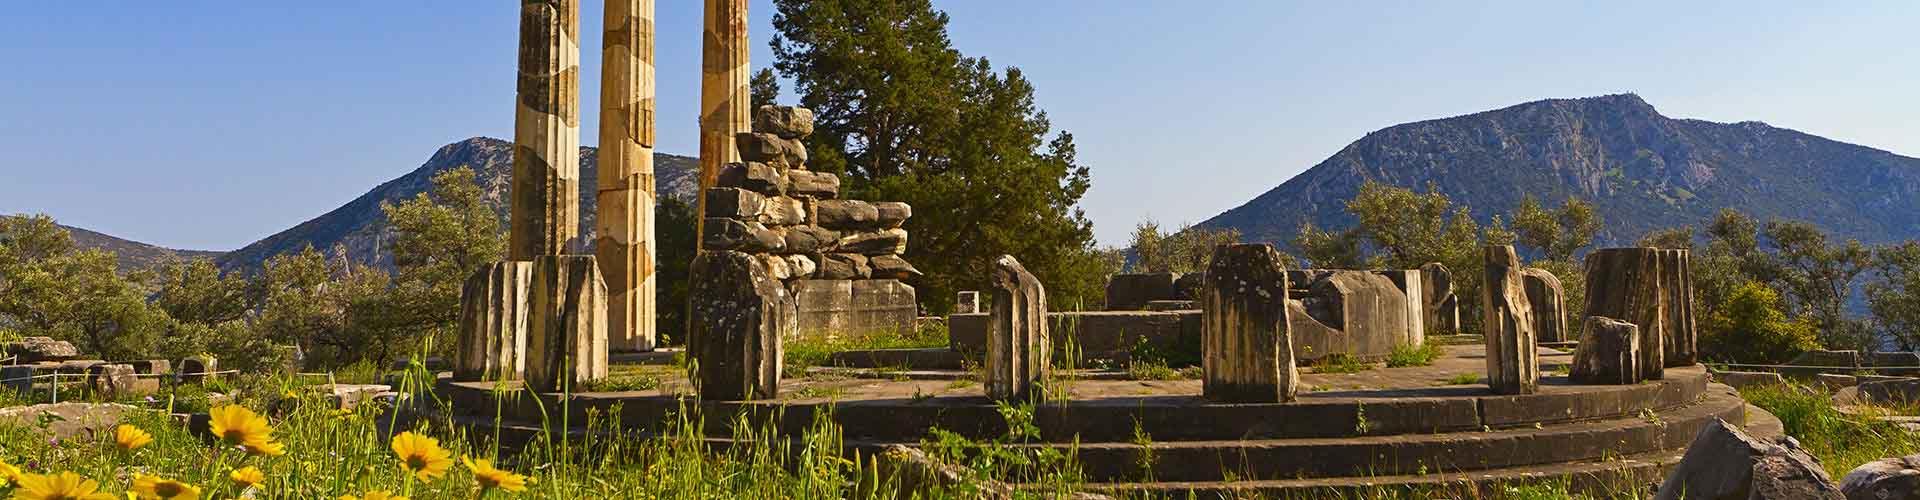 Delphi - Camping à Delphi. Cartes pour Delphi, photos et commentaires pour chaque Camping à Delphi.